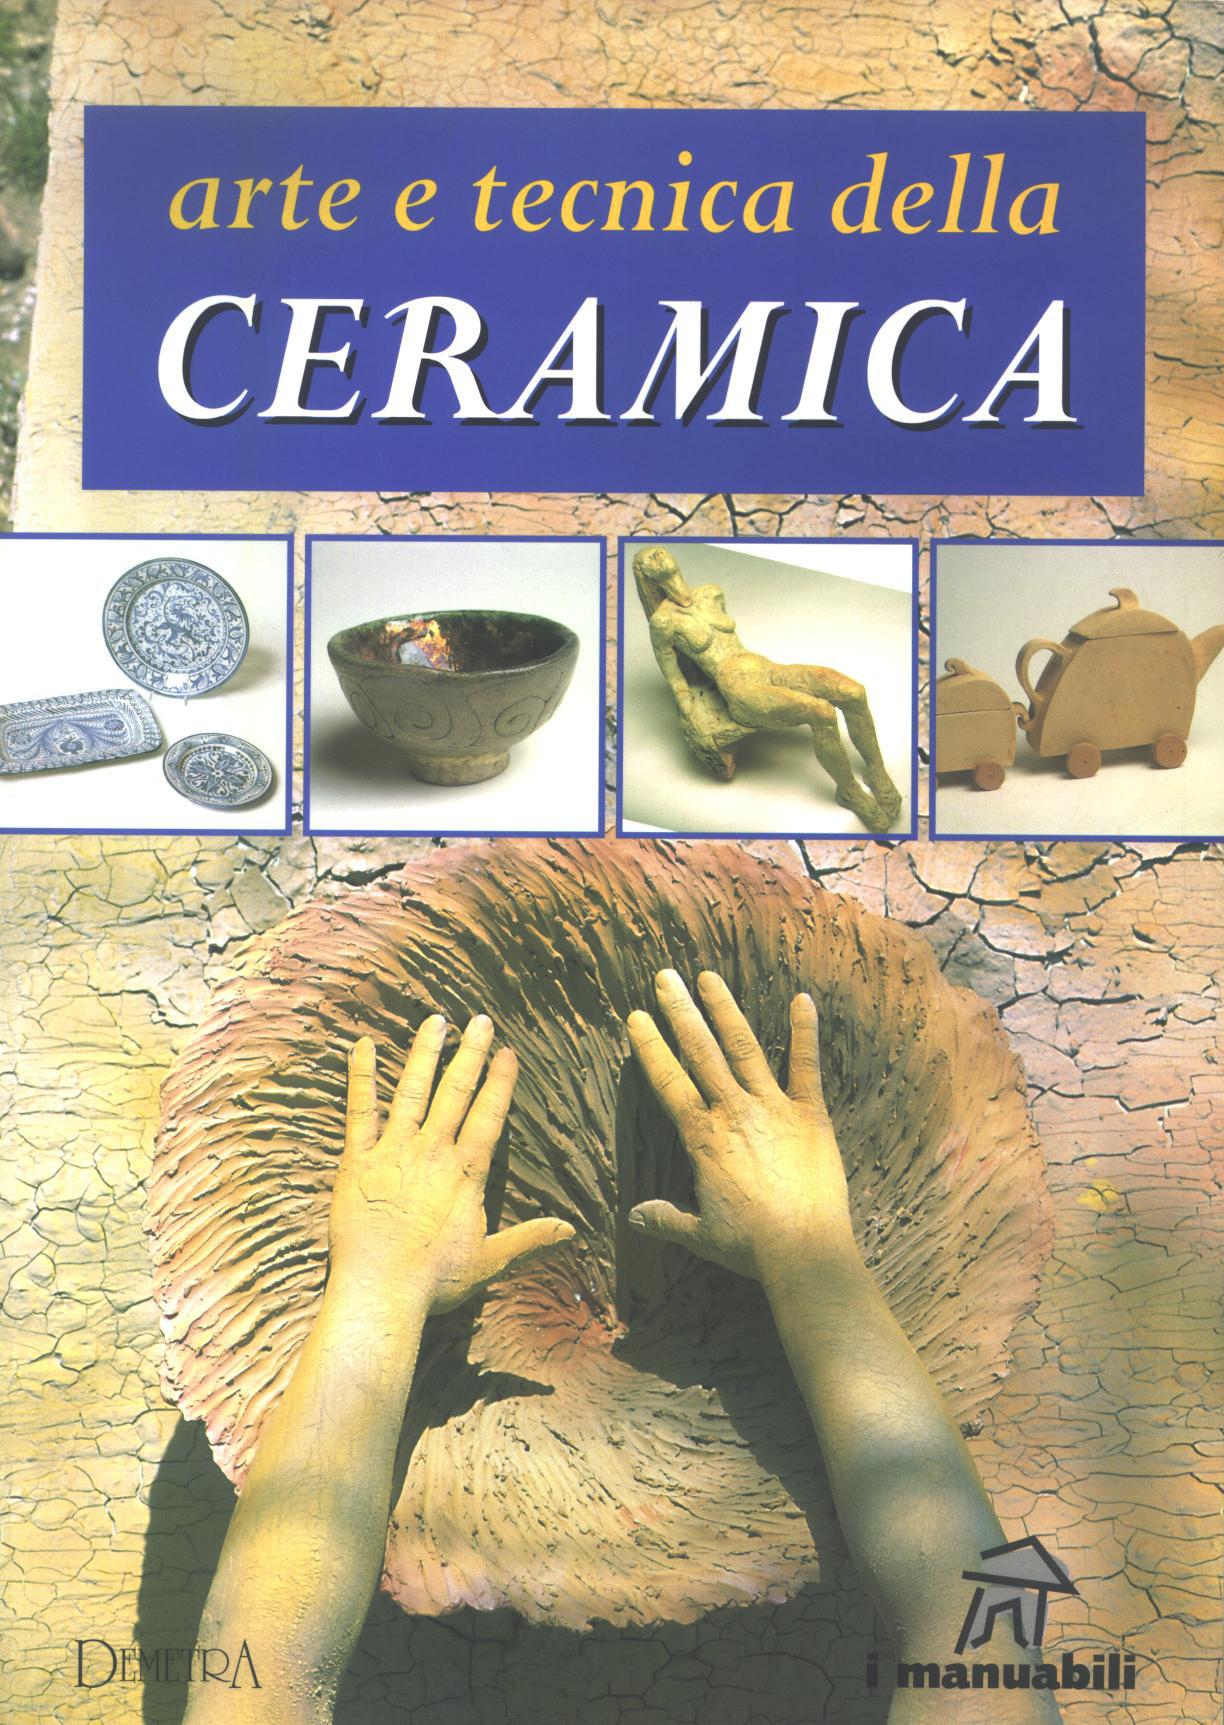 Arte e tecnica della ceramica